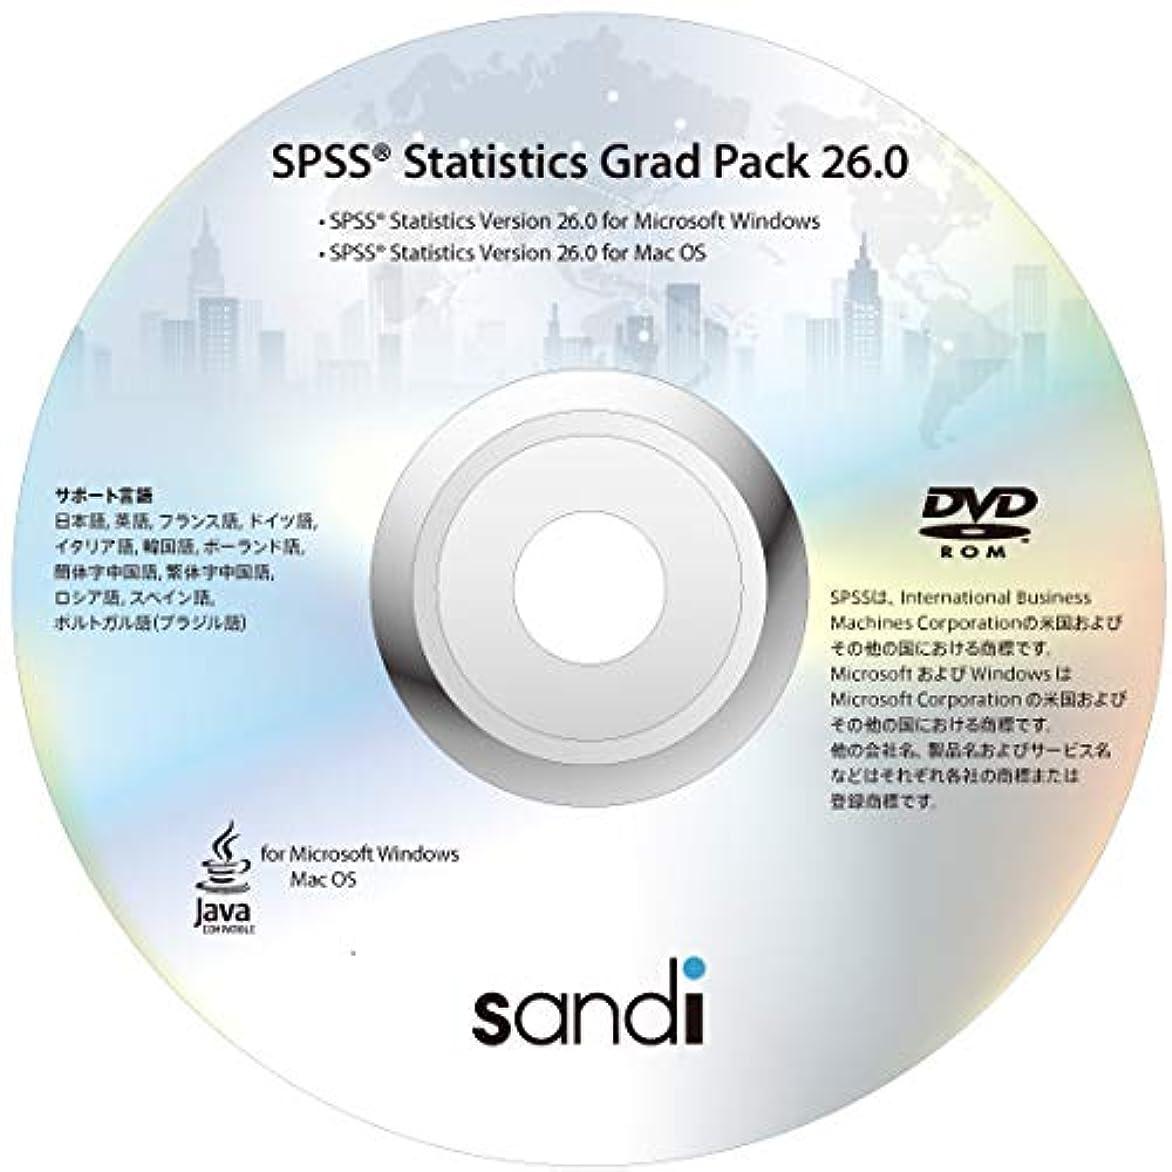 はちみつ給料学んだSPSS Statistics Premium Grad Pack ver26【学生版】※ご購入には学生証の提示が必要な製品です